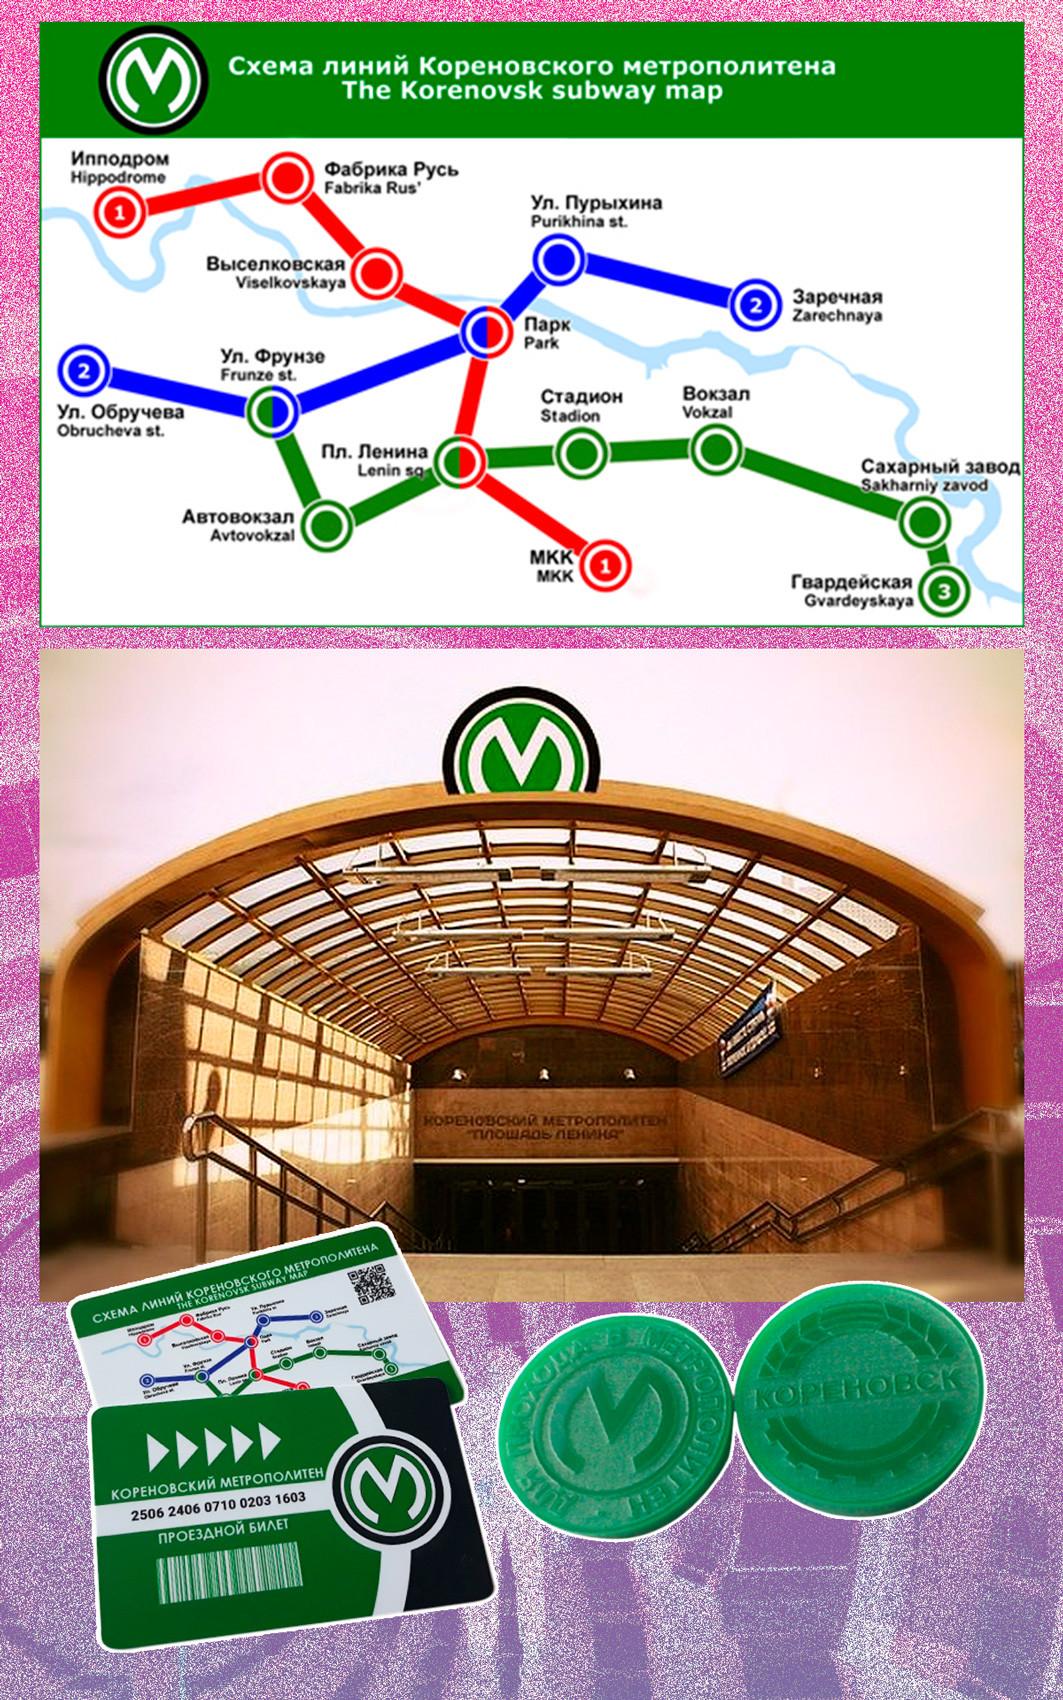 Website der U-Bahn von Korenow